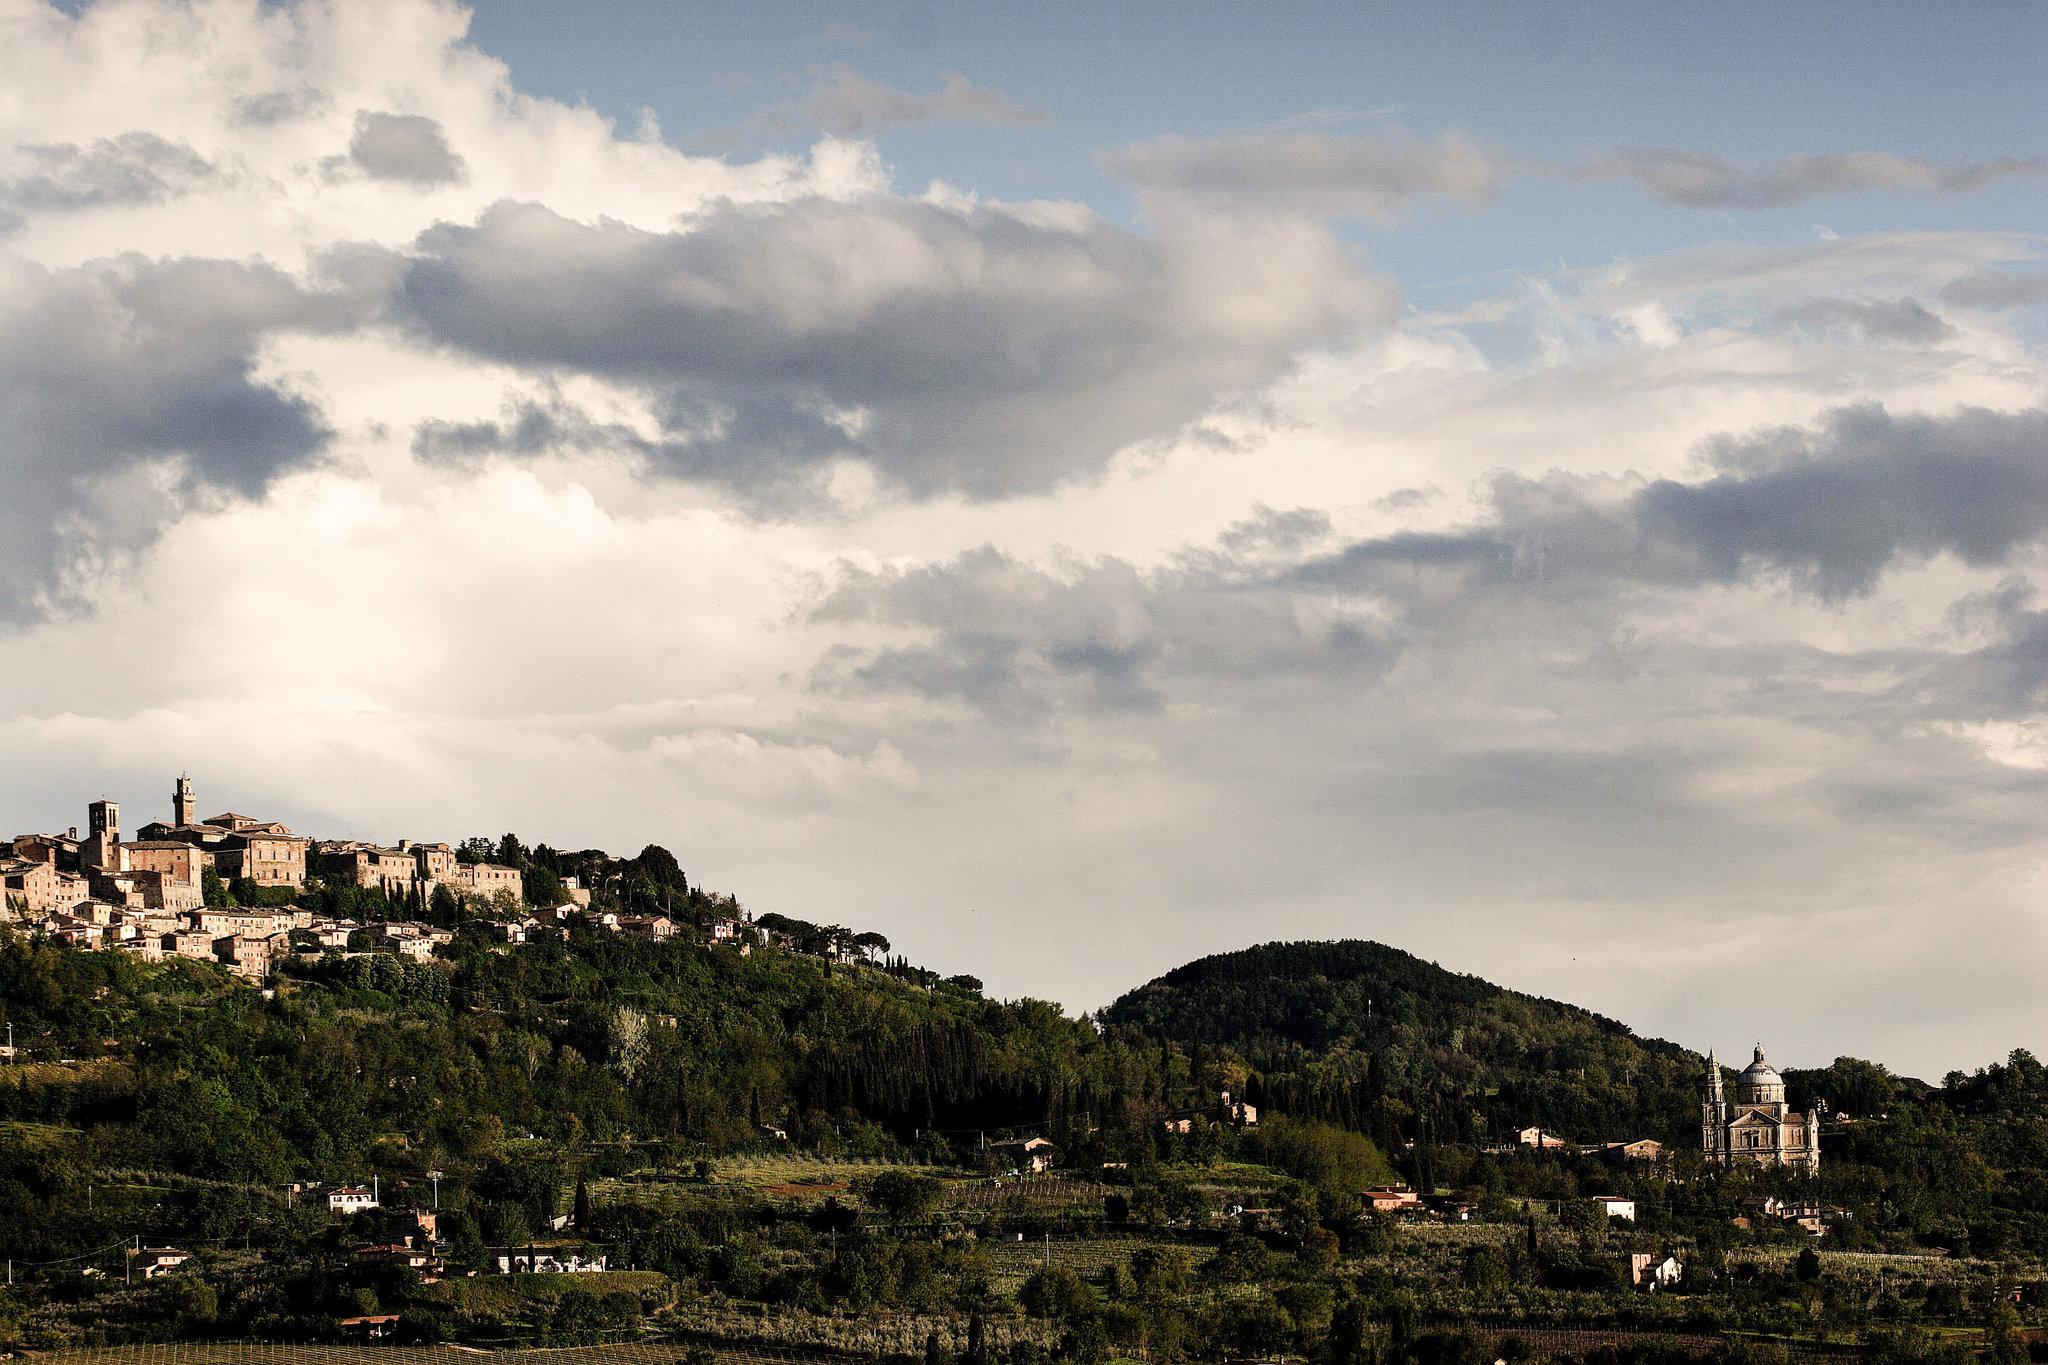 Montepulciano-Arcobaleno2(5-5-2005) - Copy (2).jpg